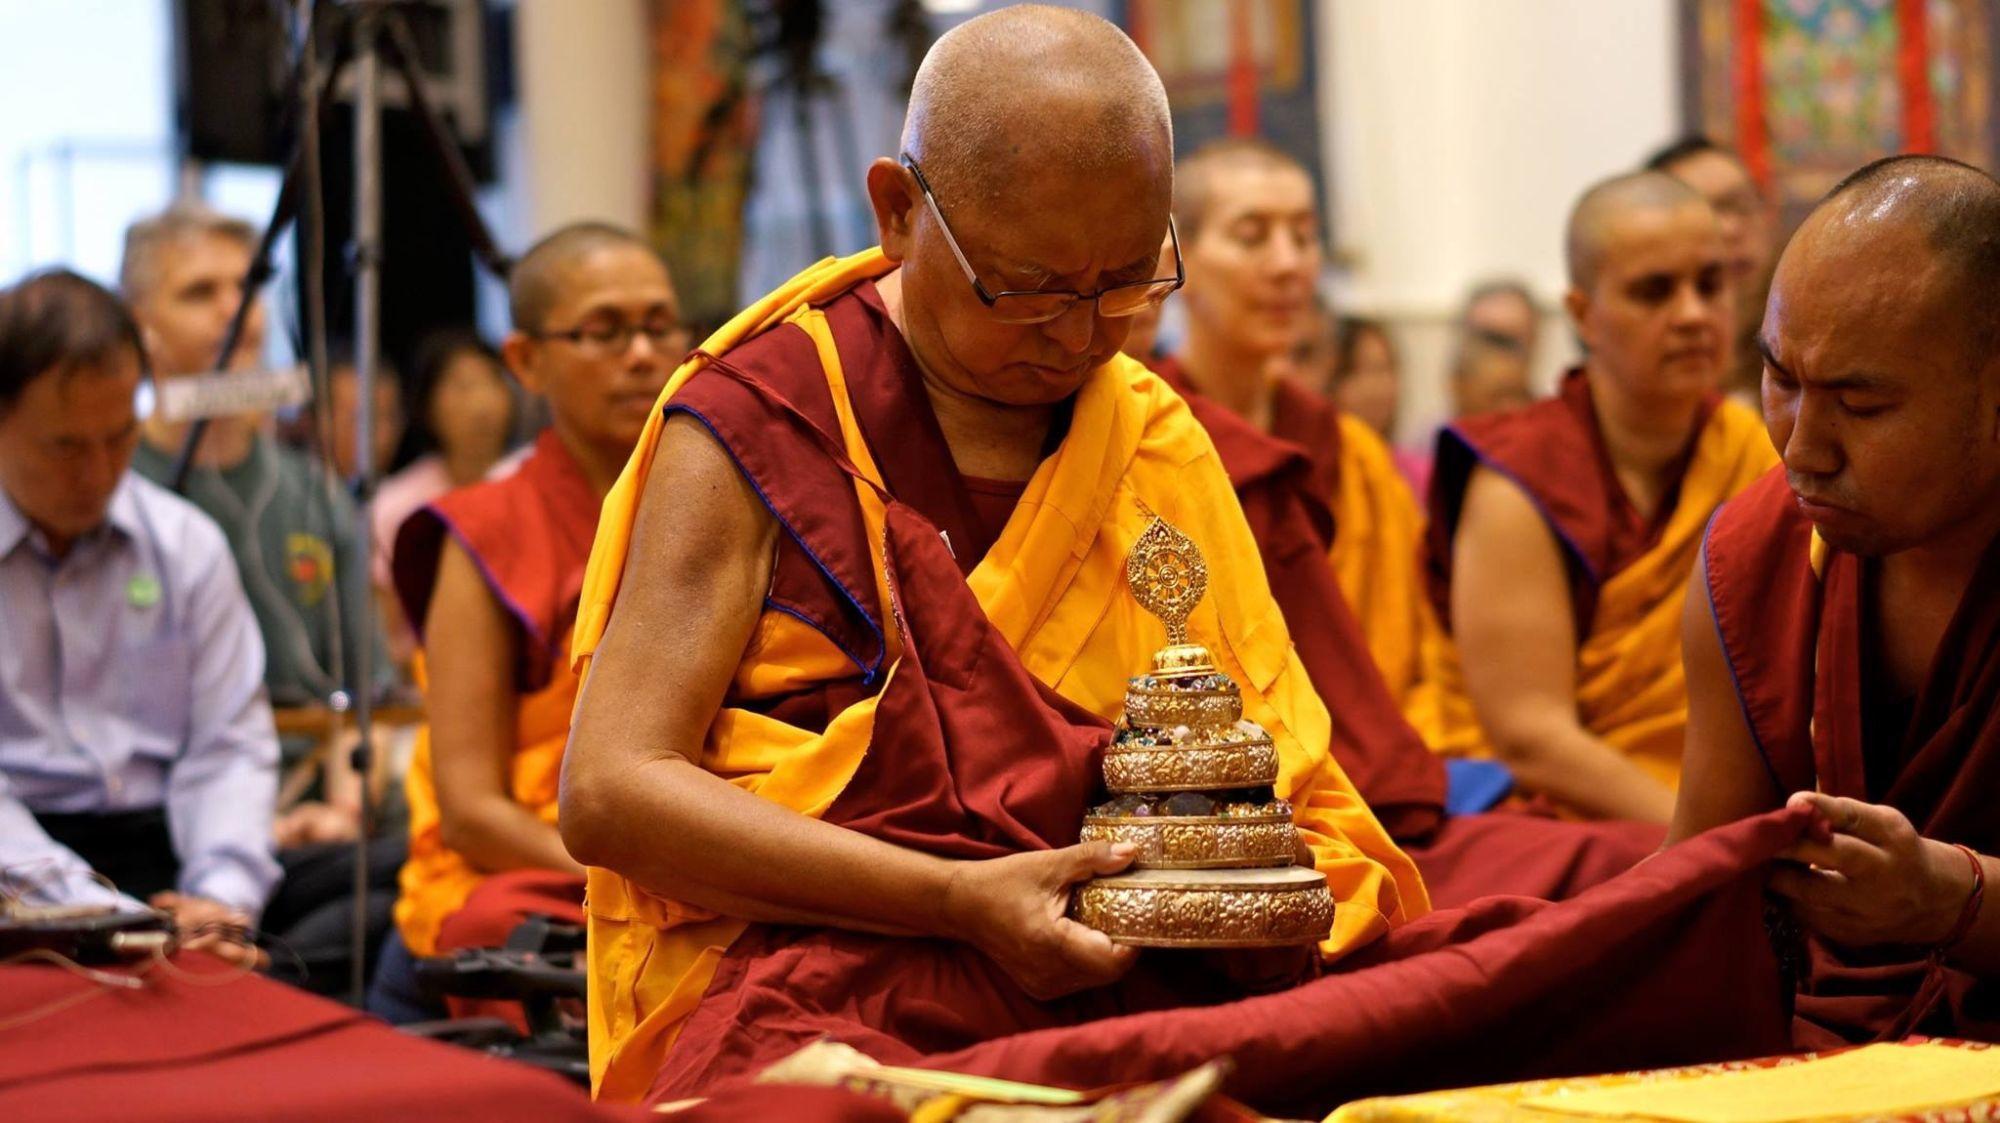 Lama Zopa Rinpoche offering a mandala, ABC, Singapore, 2016. (Photo Bill Kane)